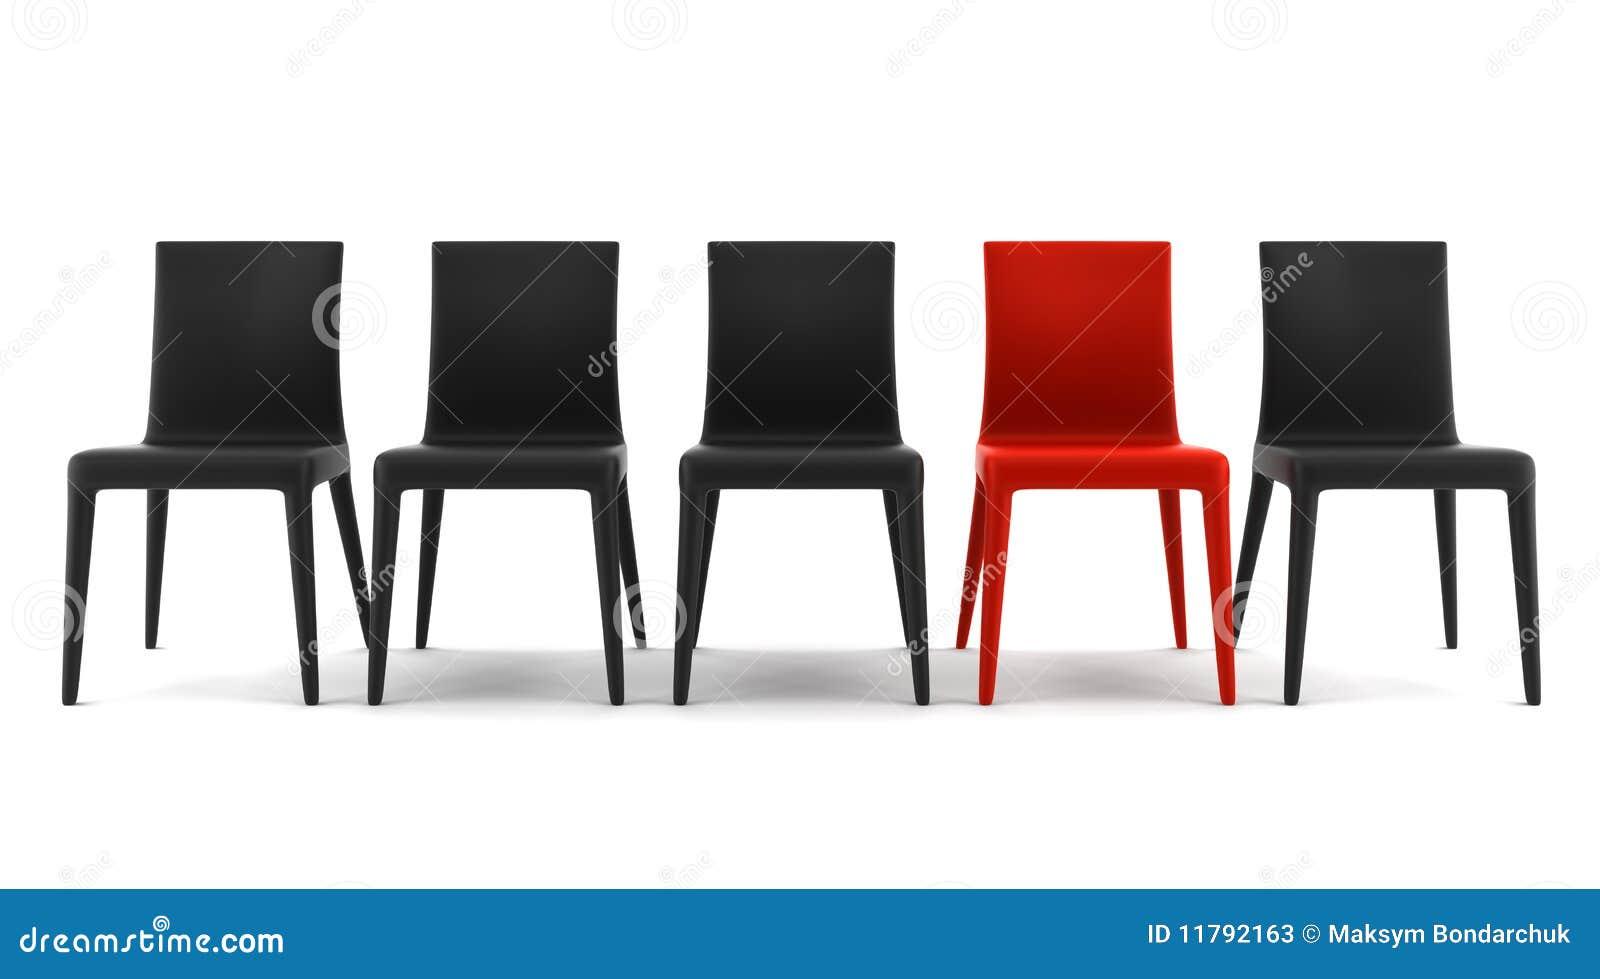 Cadeira vermelha entre as cadeiras pretas isoladas no branco